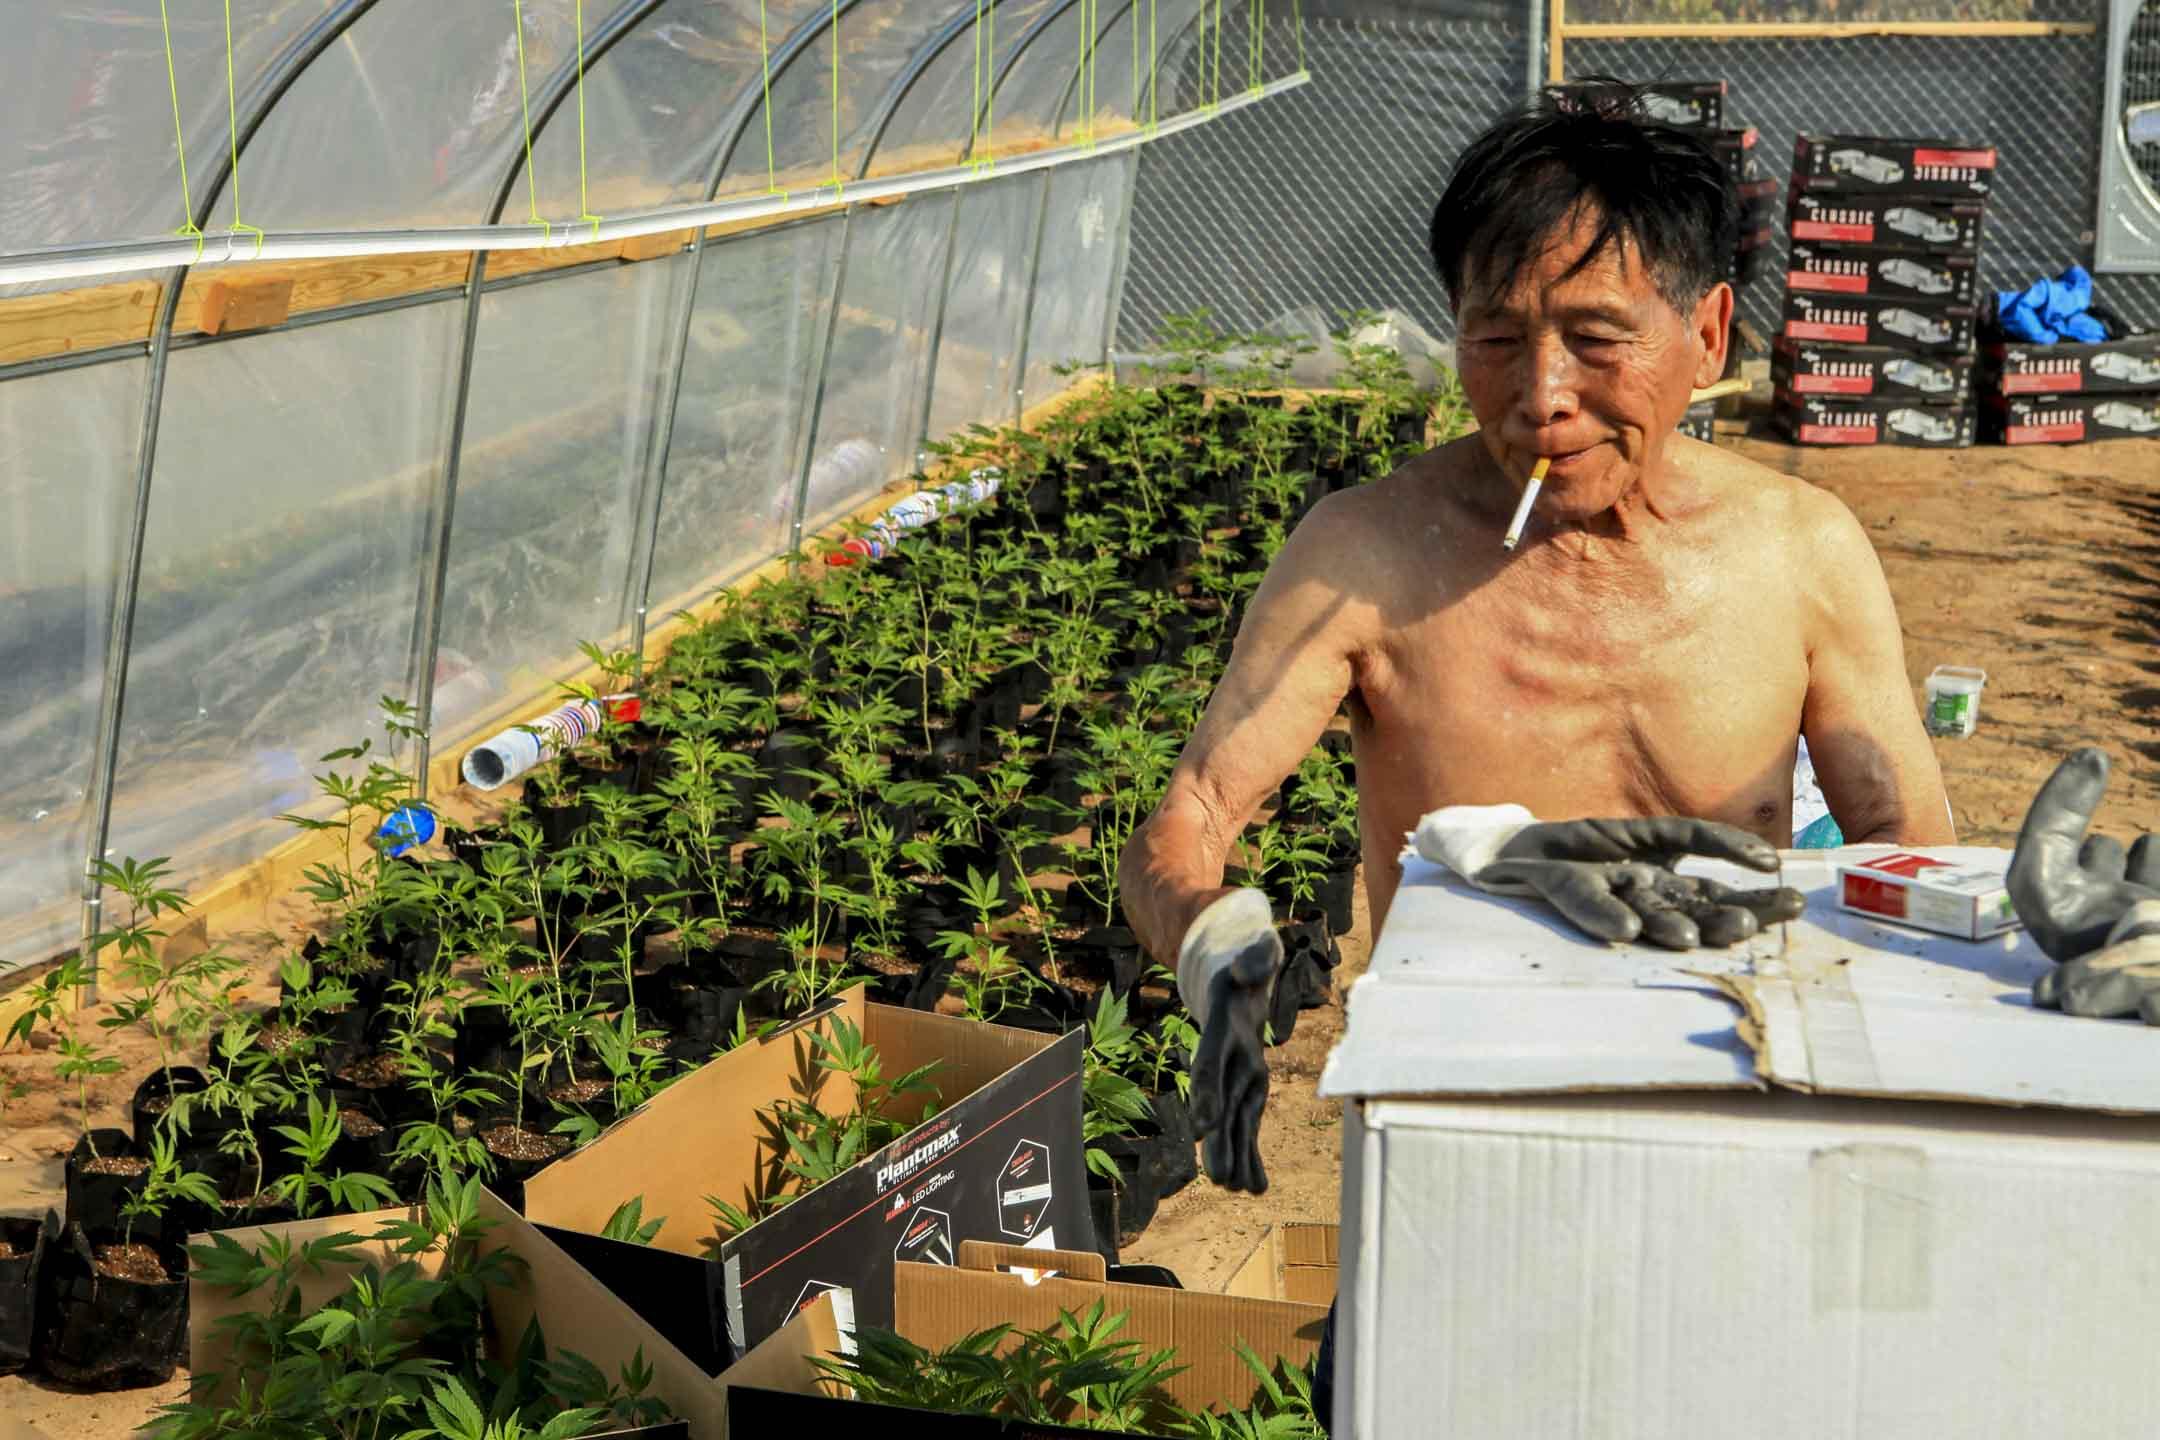 俄克拉荷馬州的大佛農場(Big Buddha Farm),一位來自香港的華裔工人正在忙着種植幼苗。 攝影:余物非